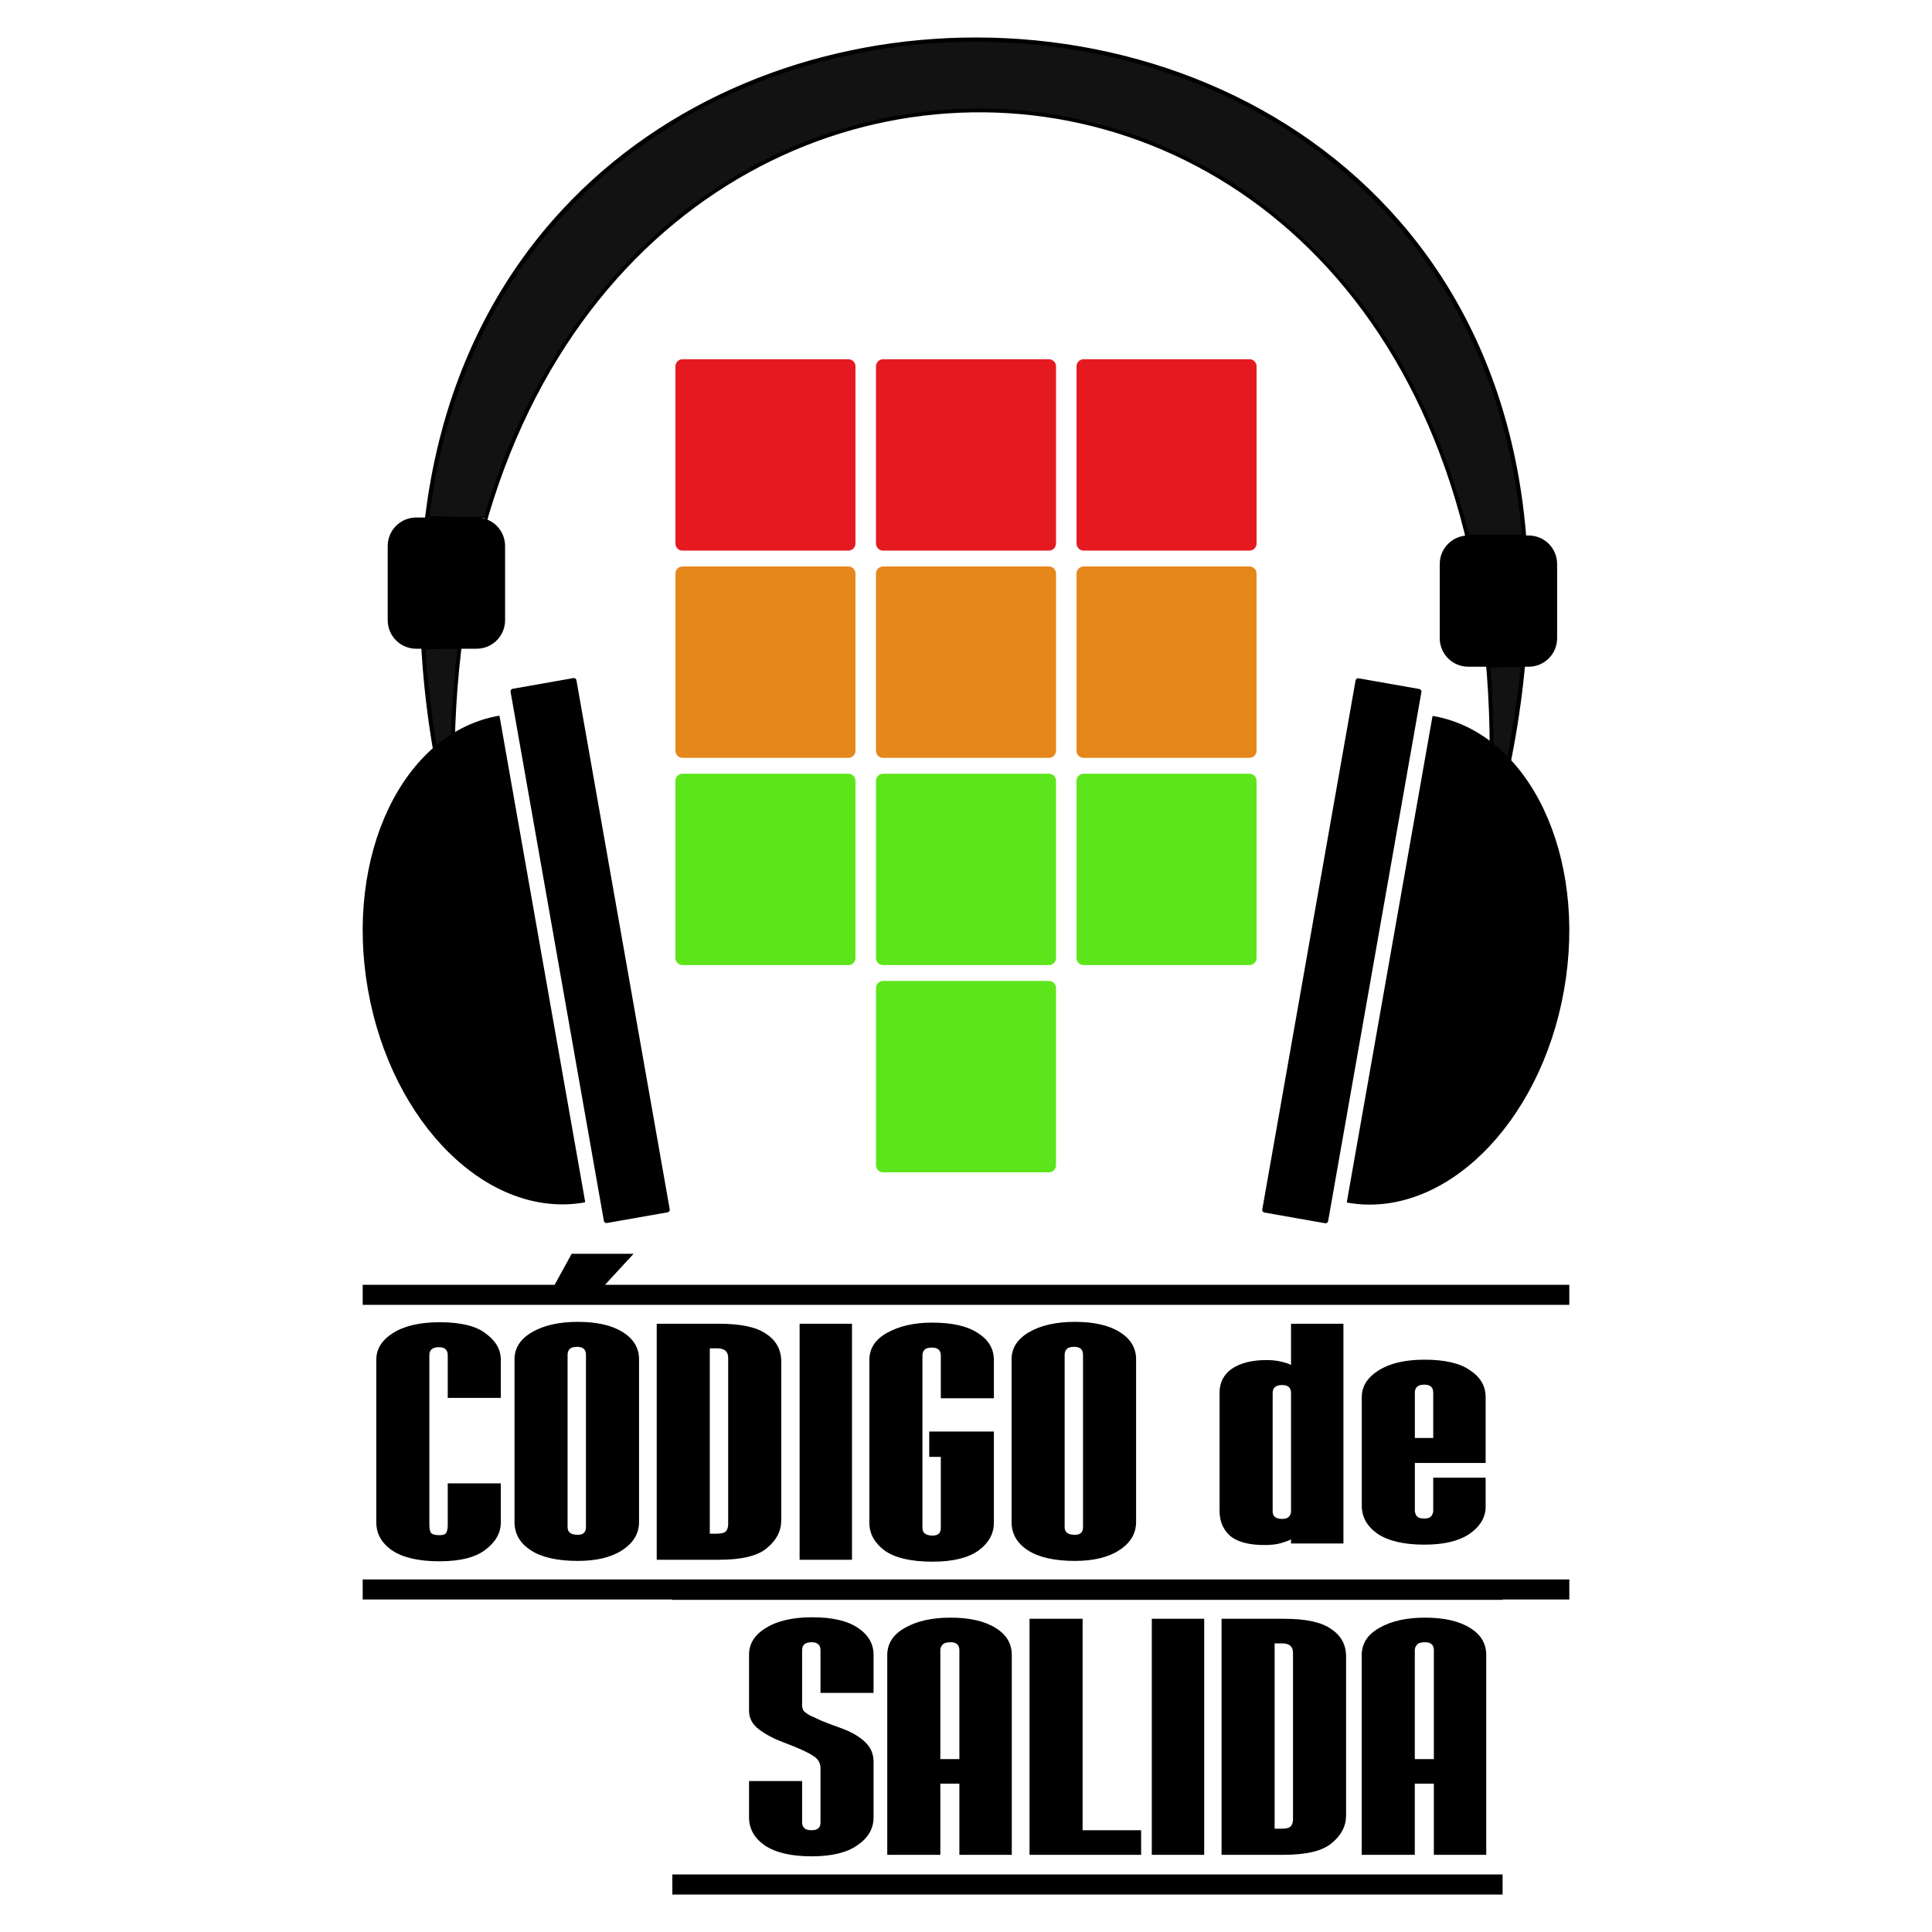 Logo de Código de salida